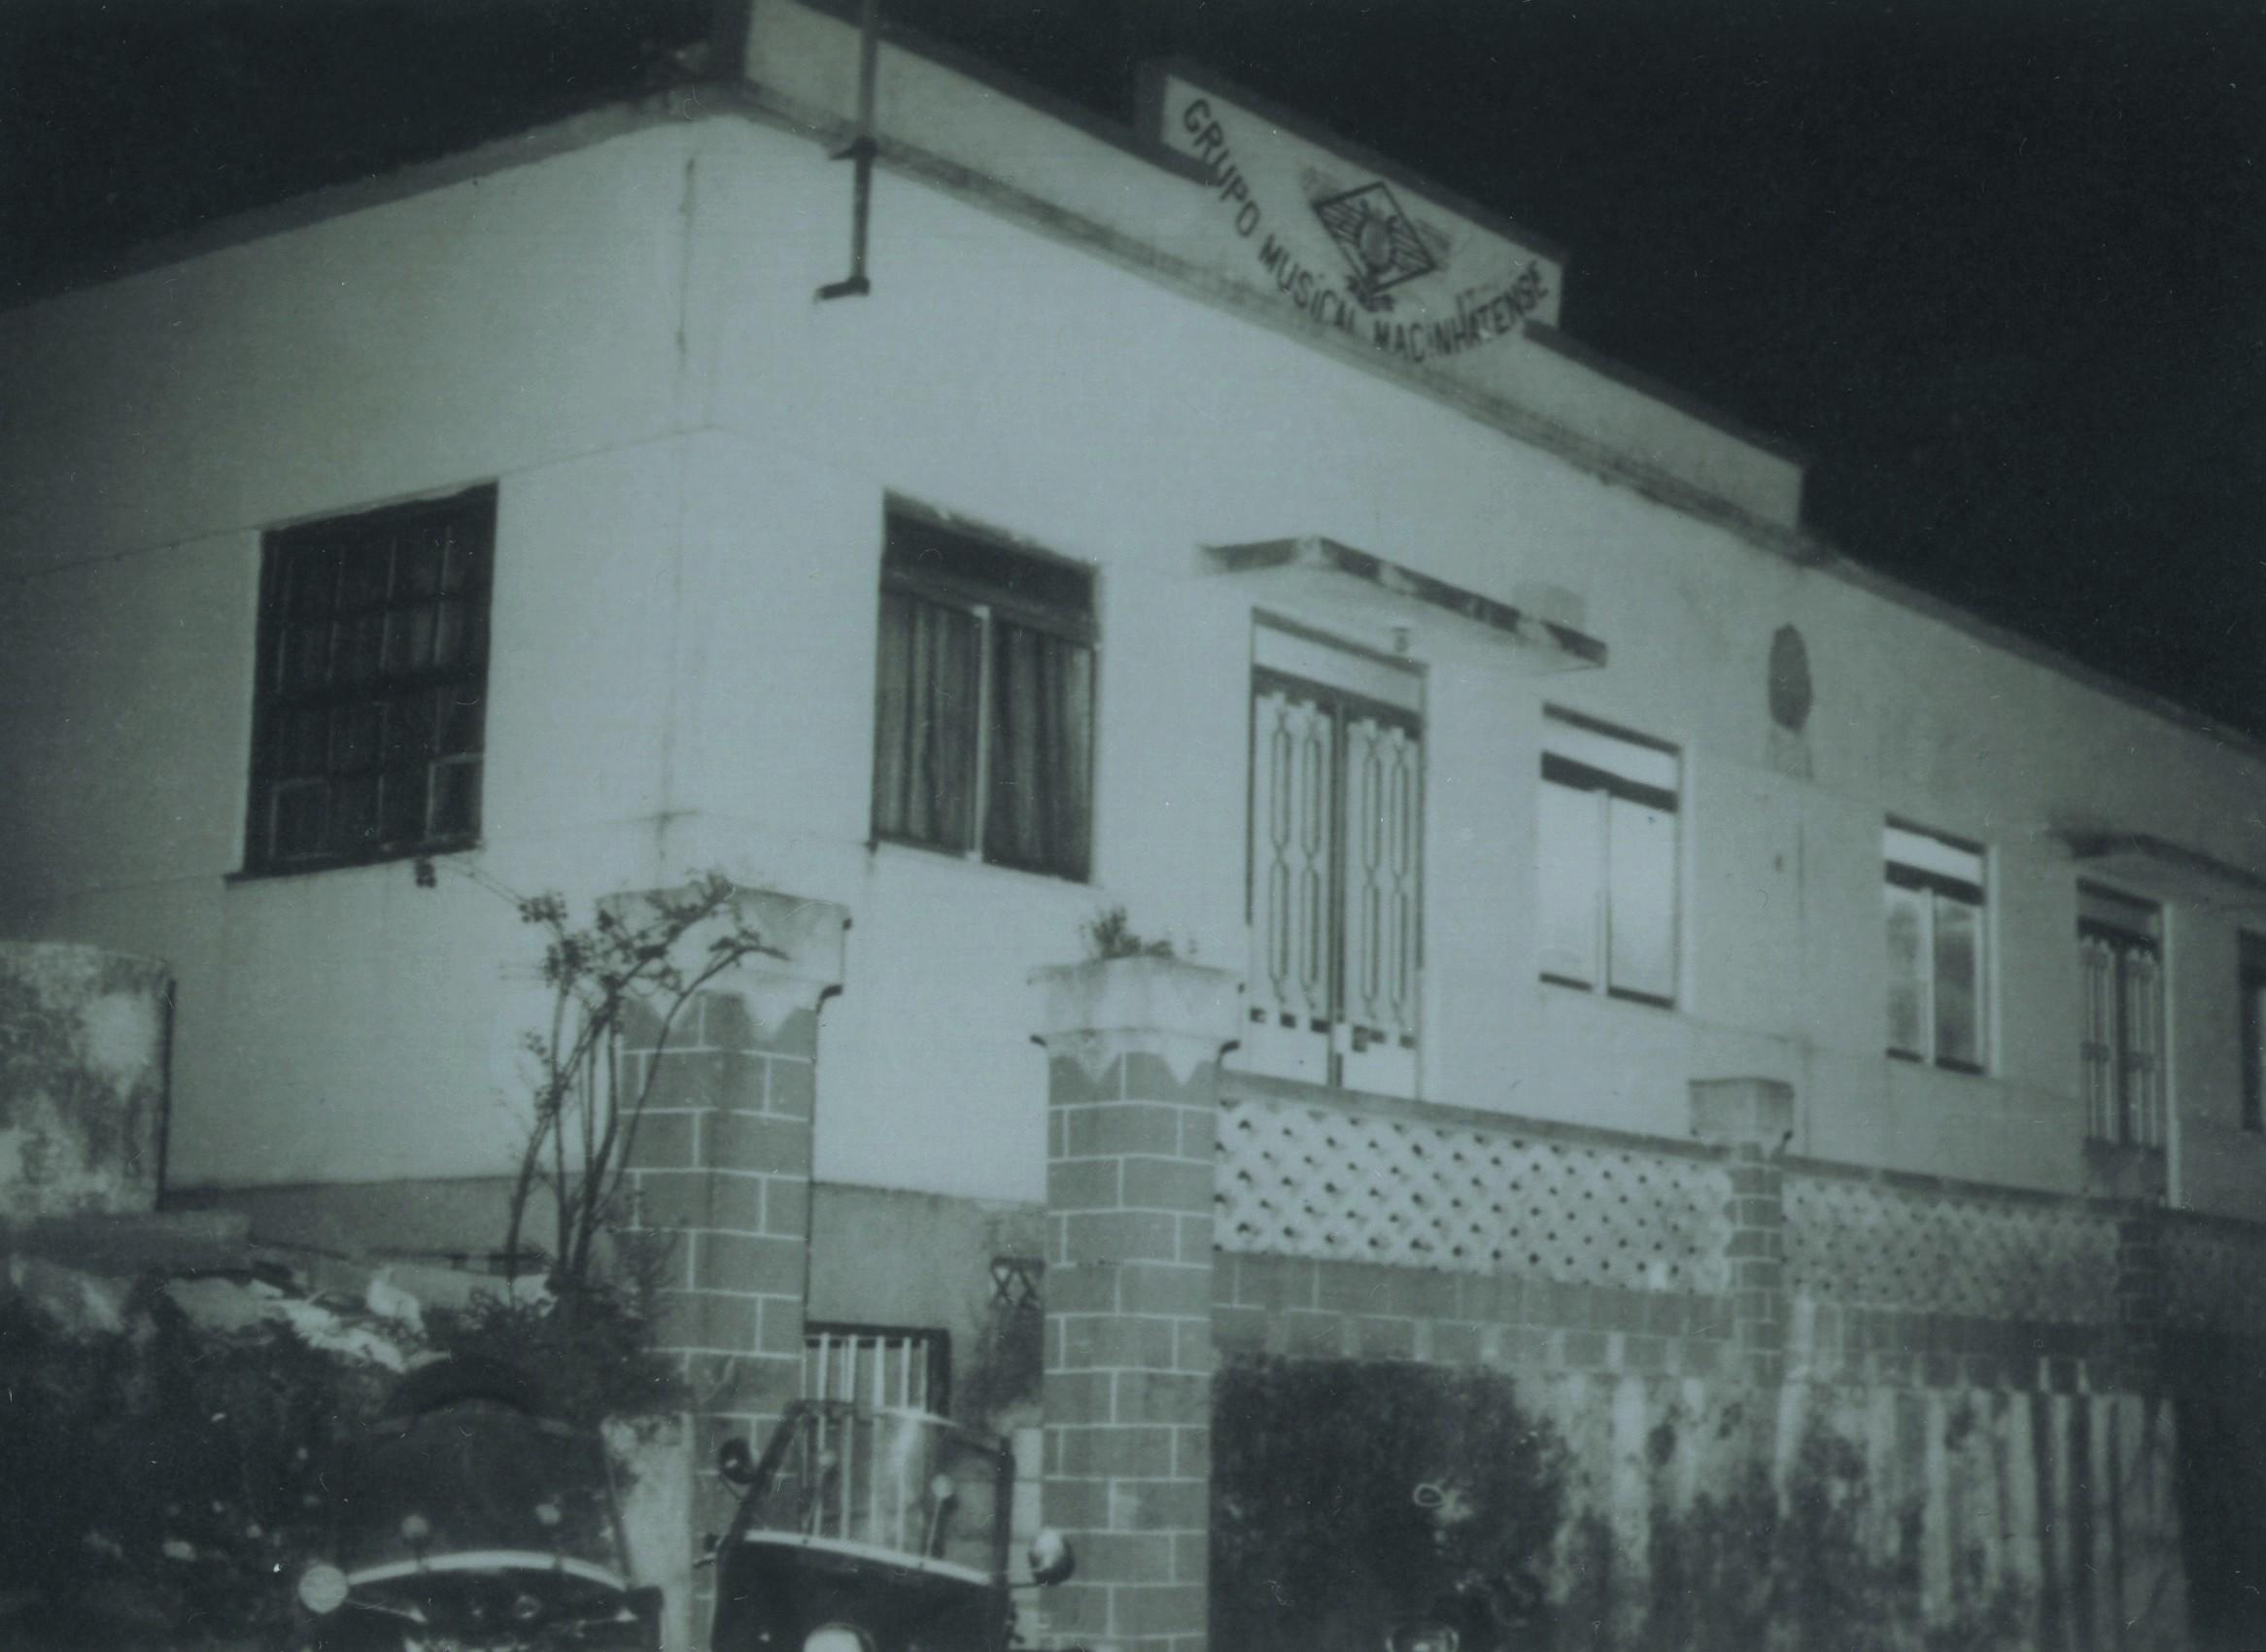 Grupo Musical Macinhatense, Macinhata da Seixa (Anos 80)